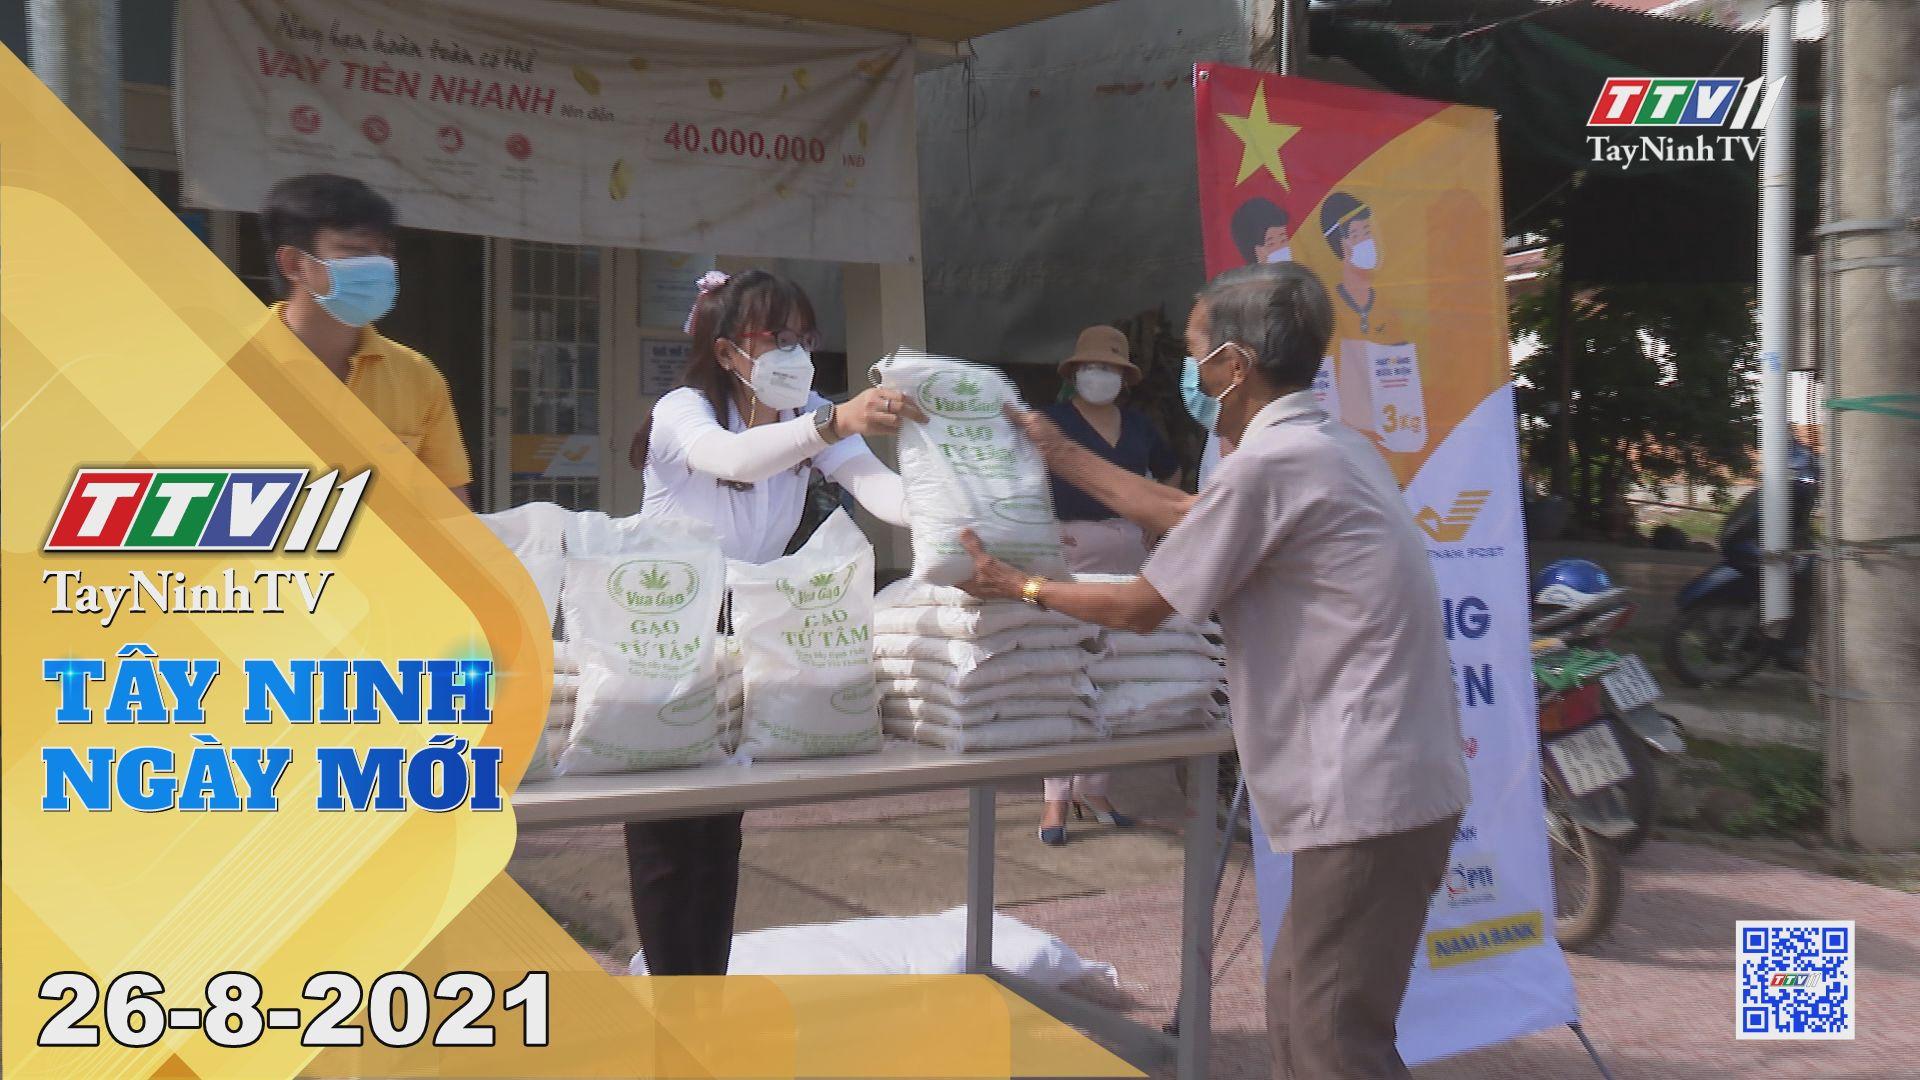 Tây Ninh Ngày Mới 26-8-2021 | Tin tức hôm nay | TayNinhTV